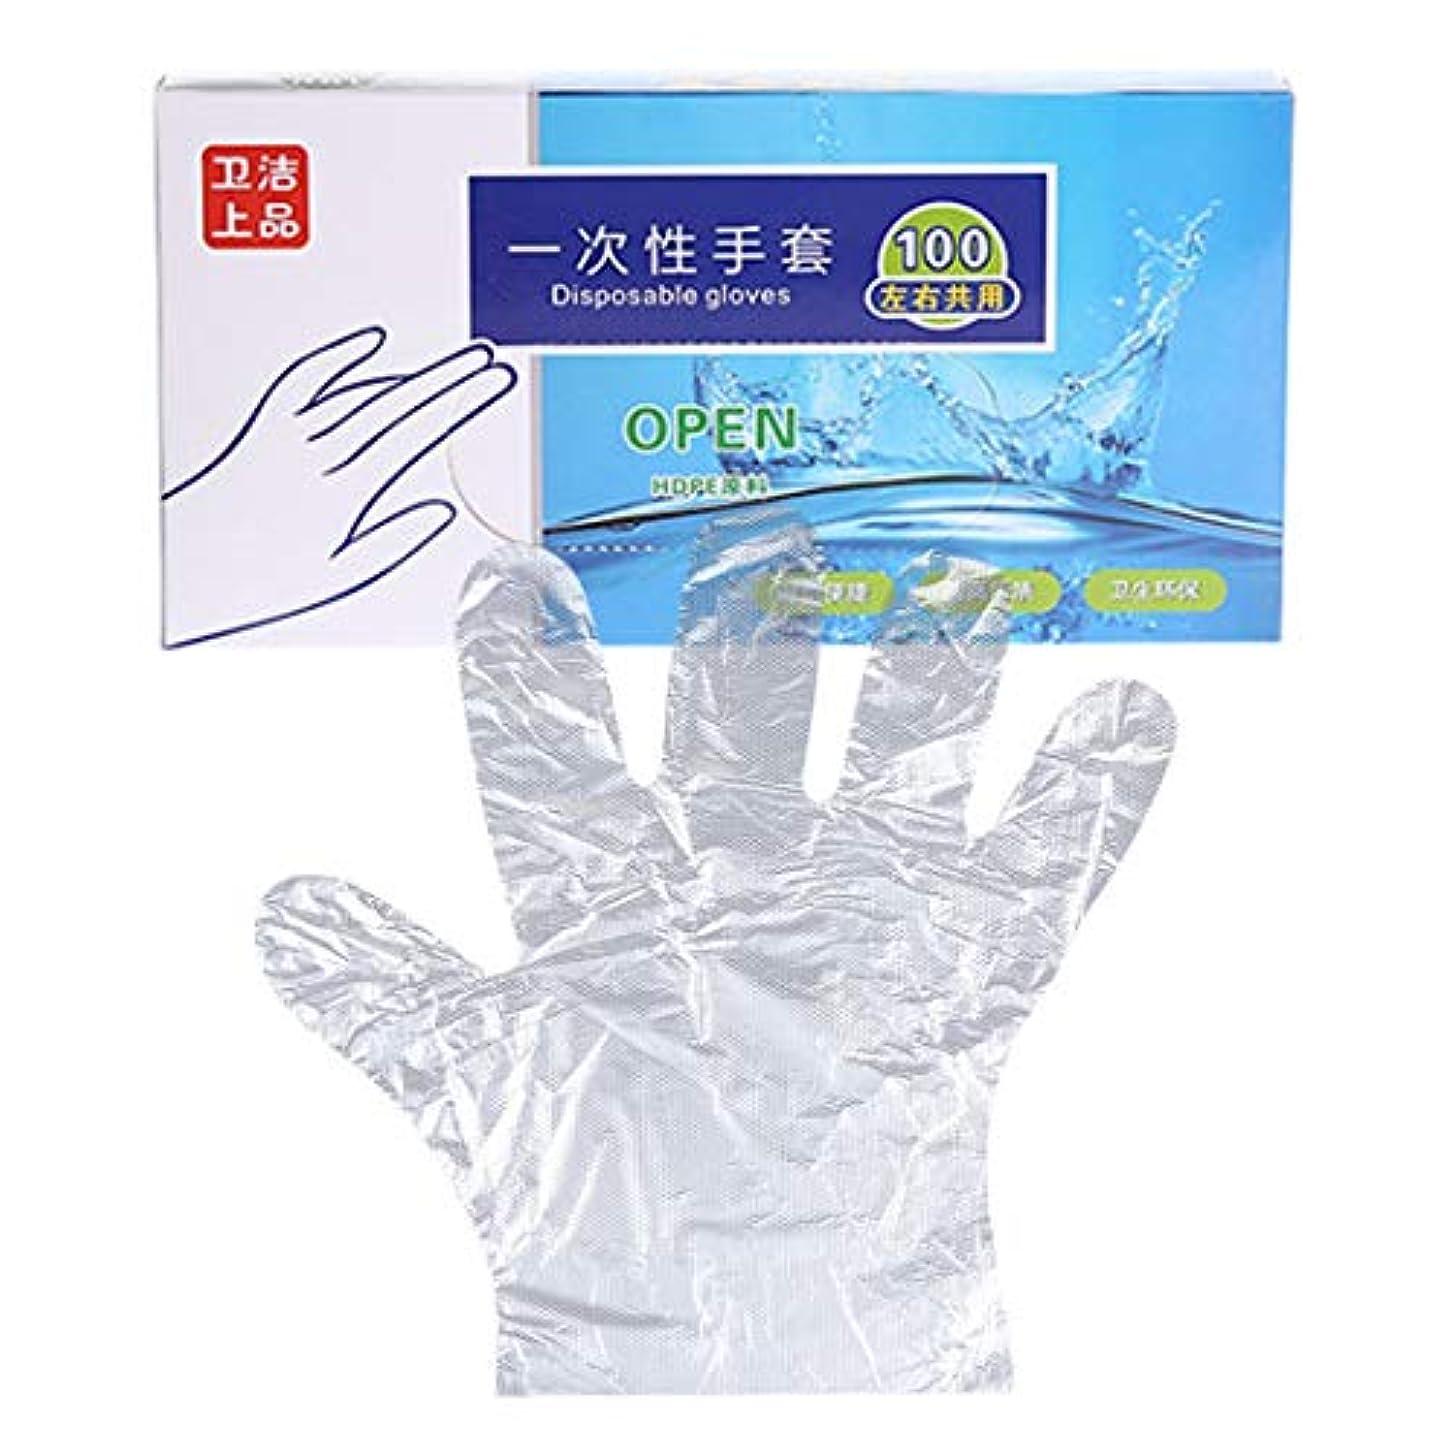 ファイナンスブラウンロードハウスPinji 使い捨て手袋 100本入 透明 フリーサイズ グローブ ポリエチレン手袋 左右兼用 ポリエチレン PE 実用 衛生 調理 清掃 染髪